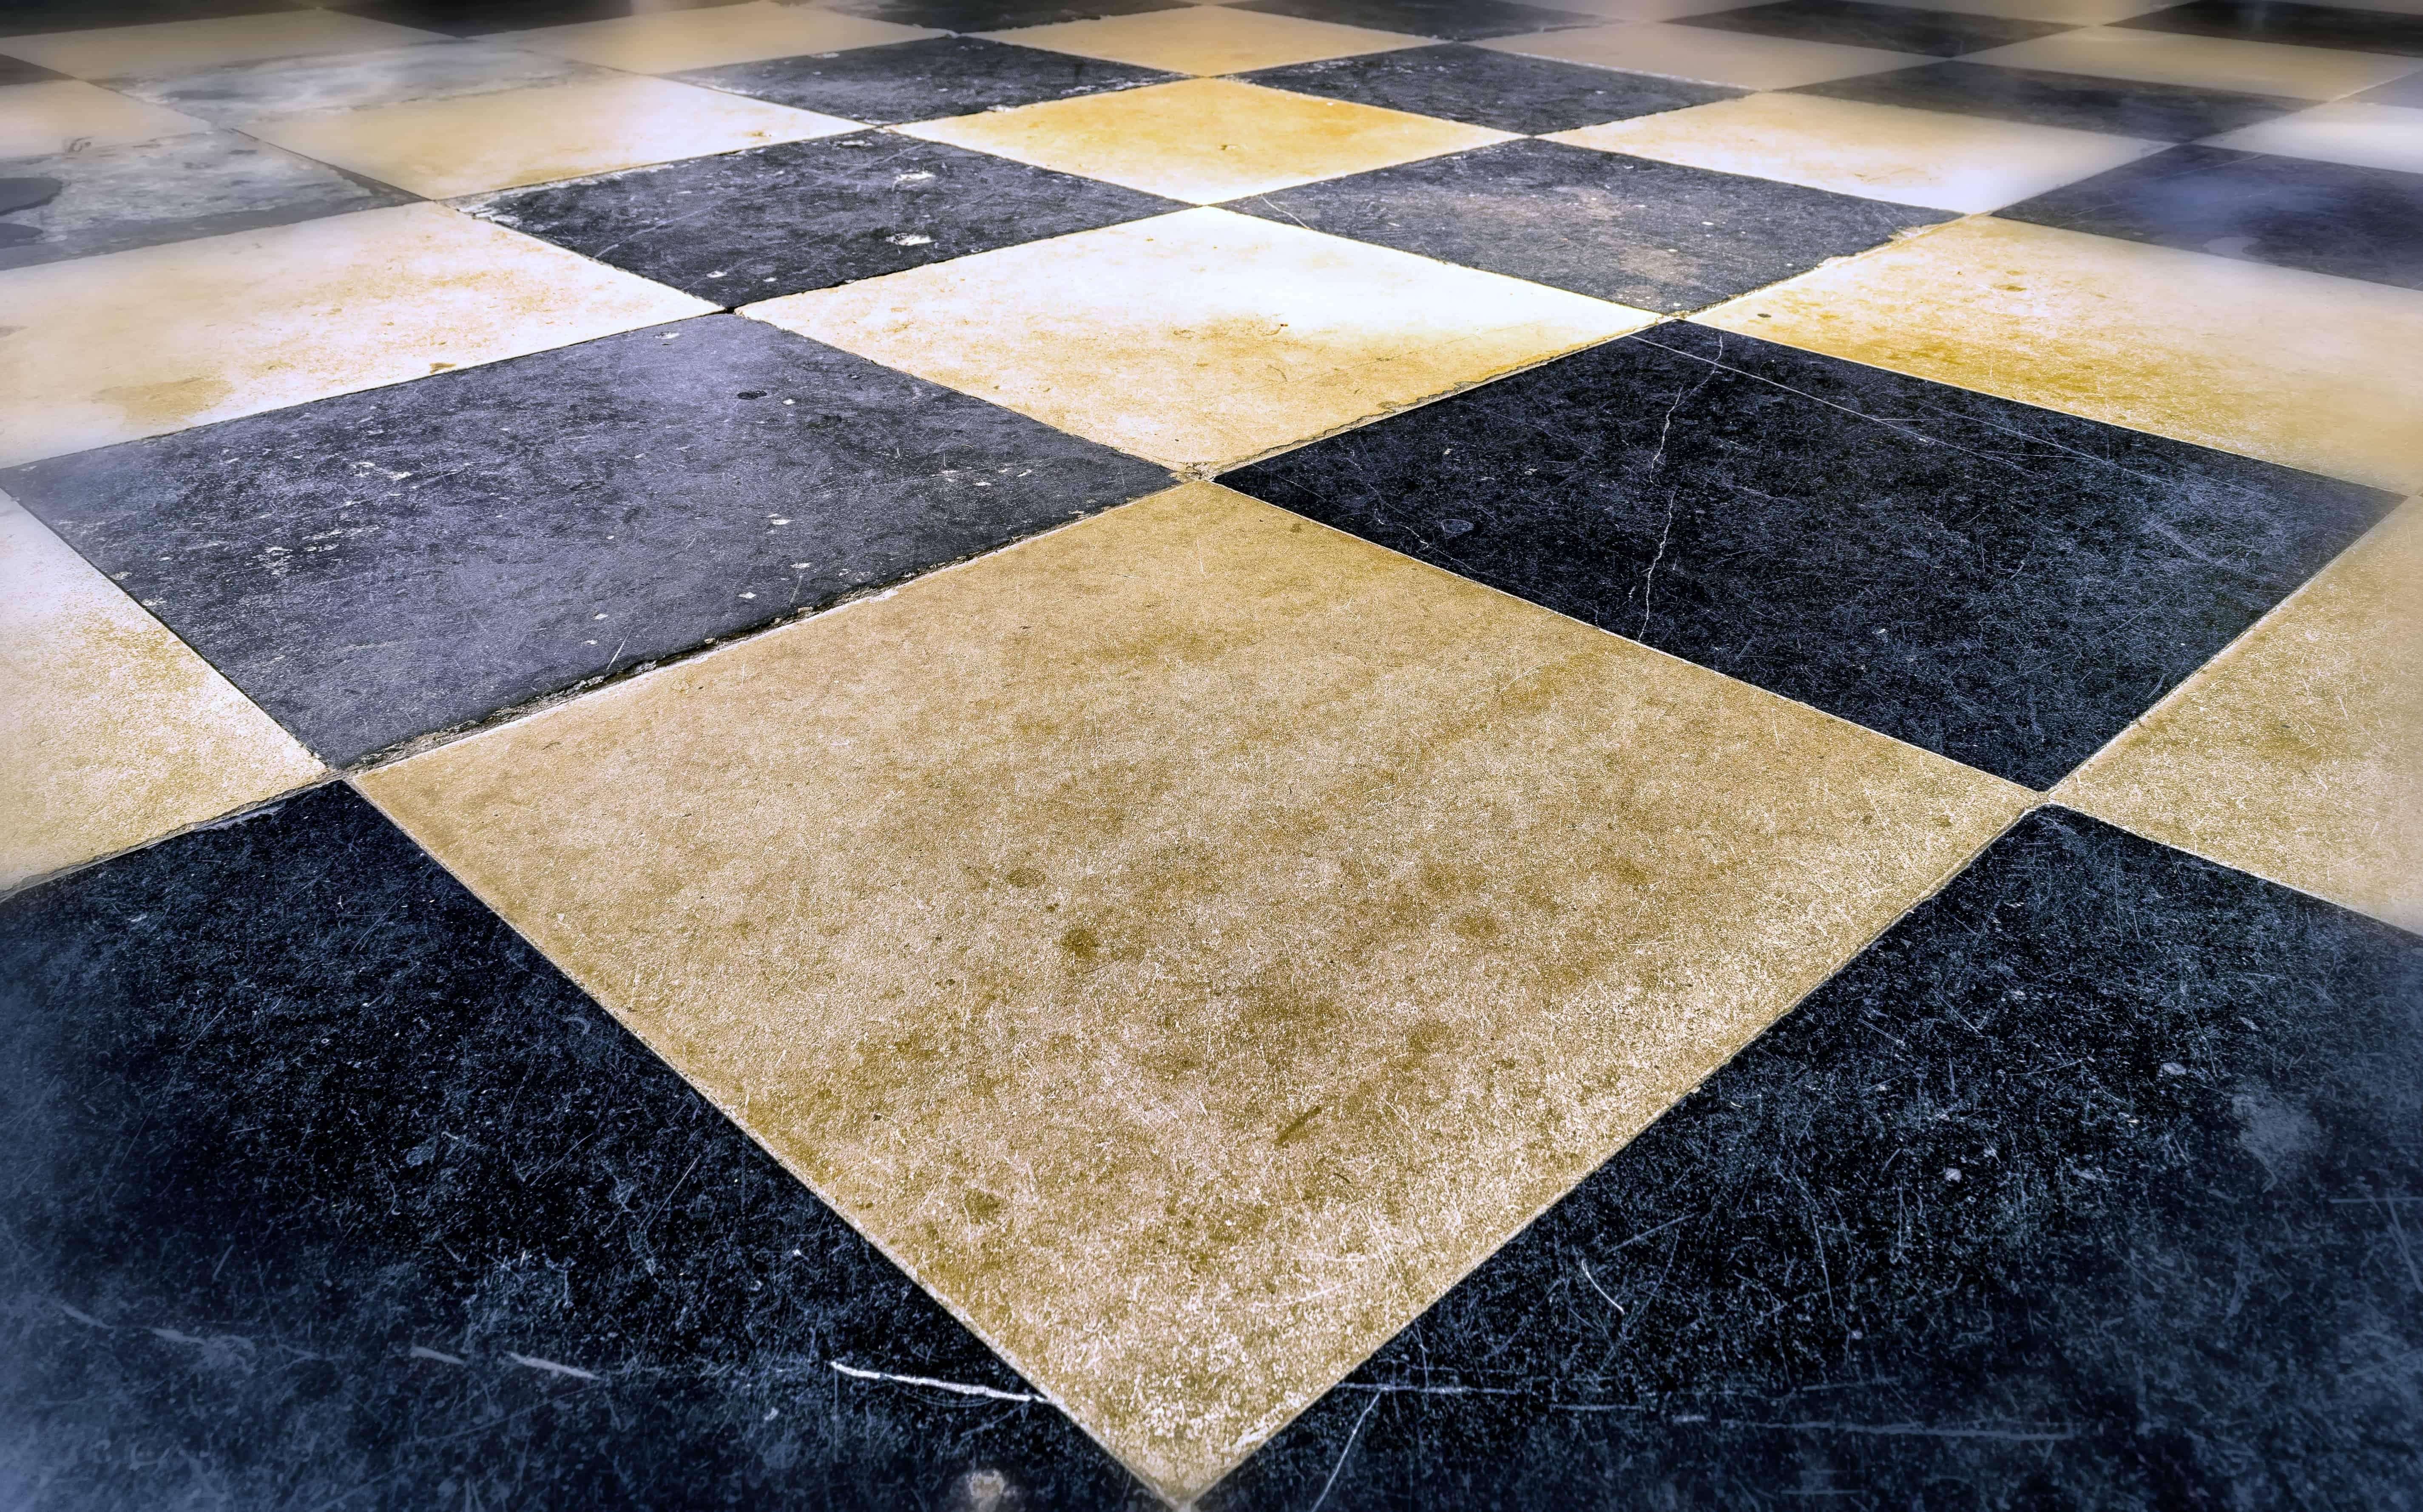 Foto gratis modello Piazza dettaglio pavimentazione pavimento terra